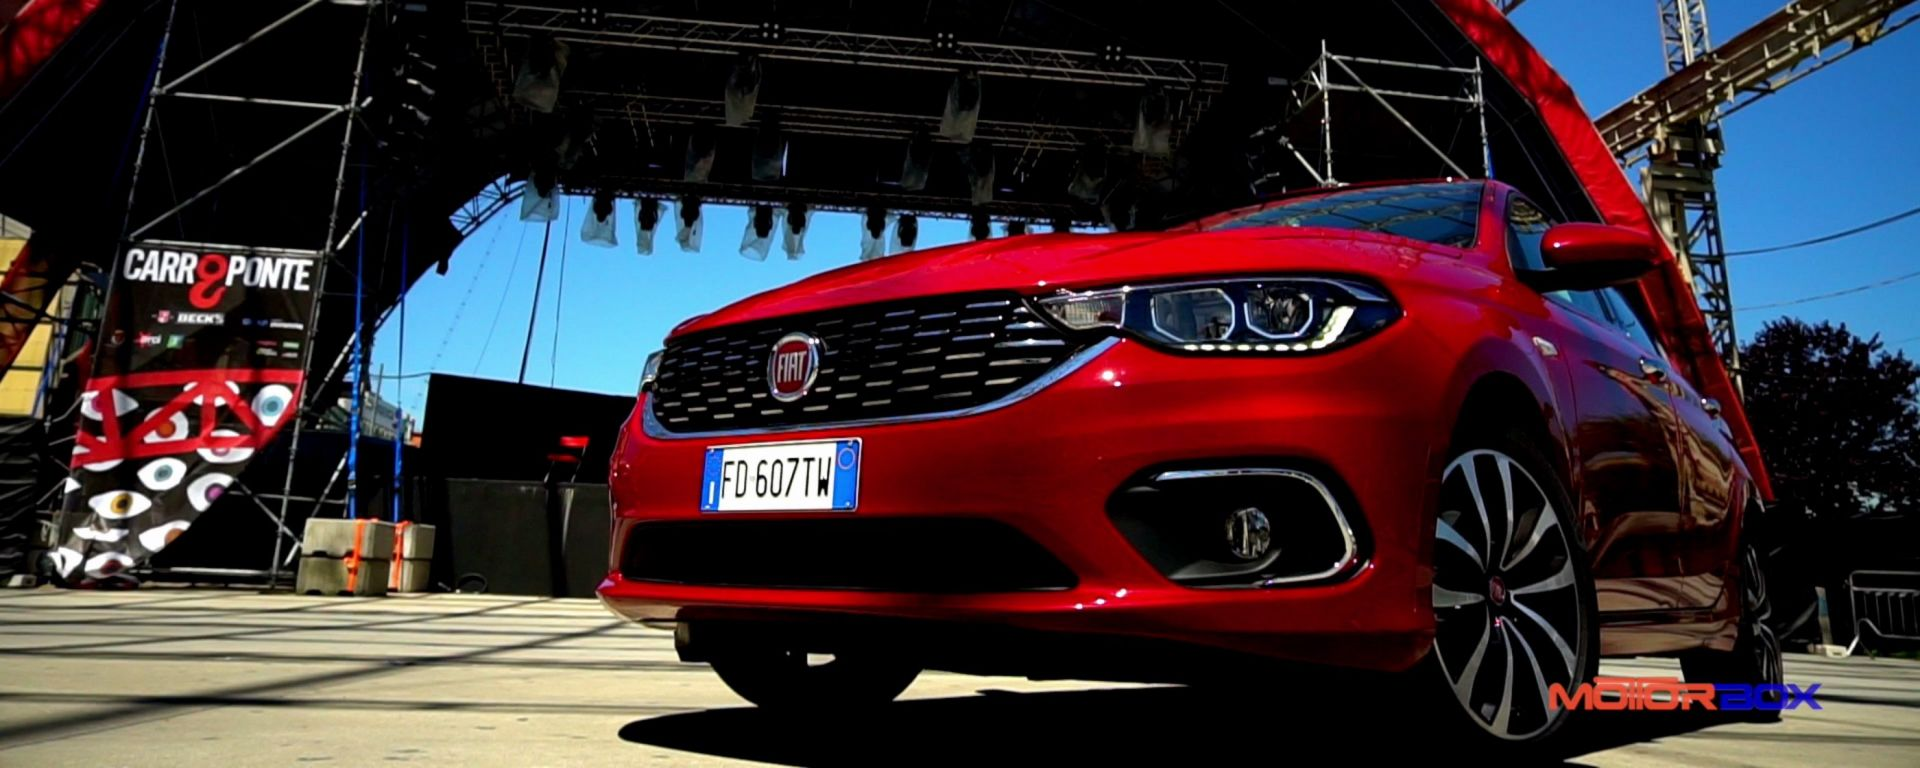 Fiat Tipo 5 porte: le vostre domande. Guarda il video